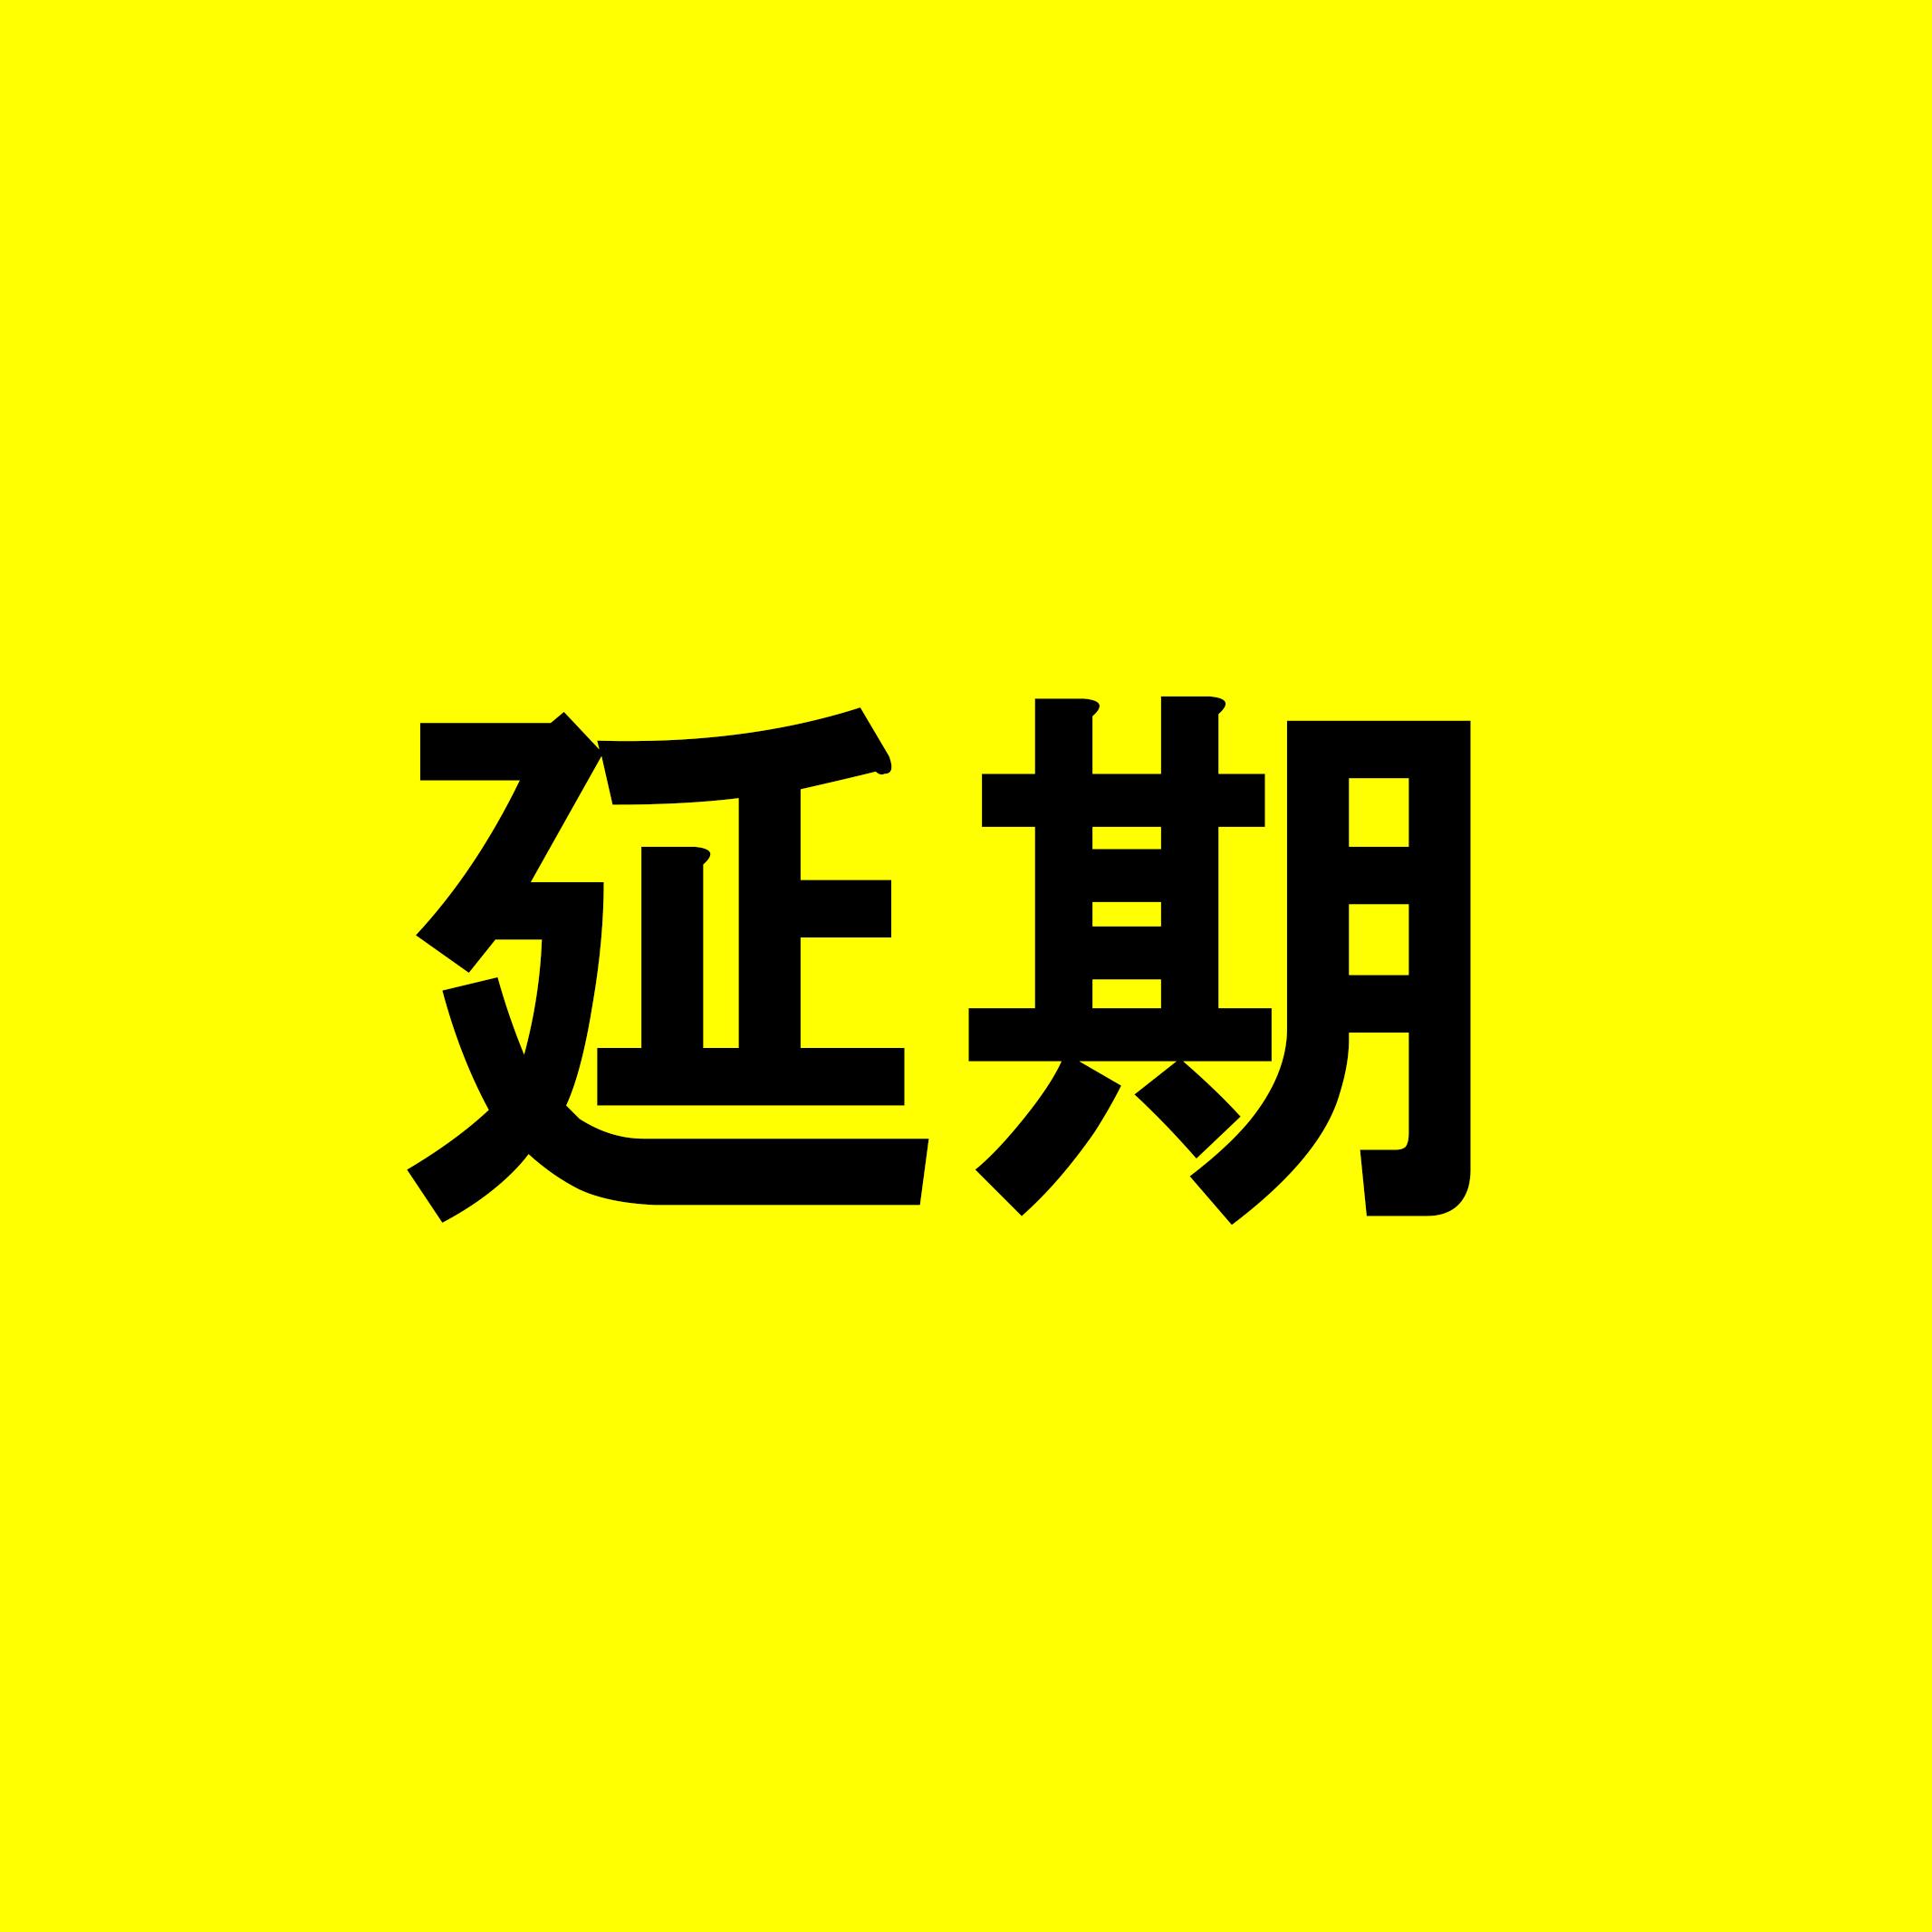 アンサンブル信州 in 宮田 第18回定期演奏会